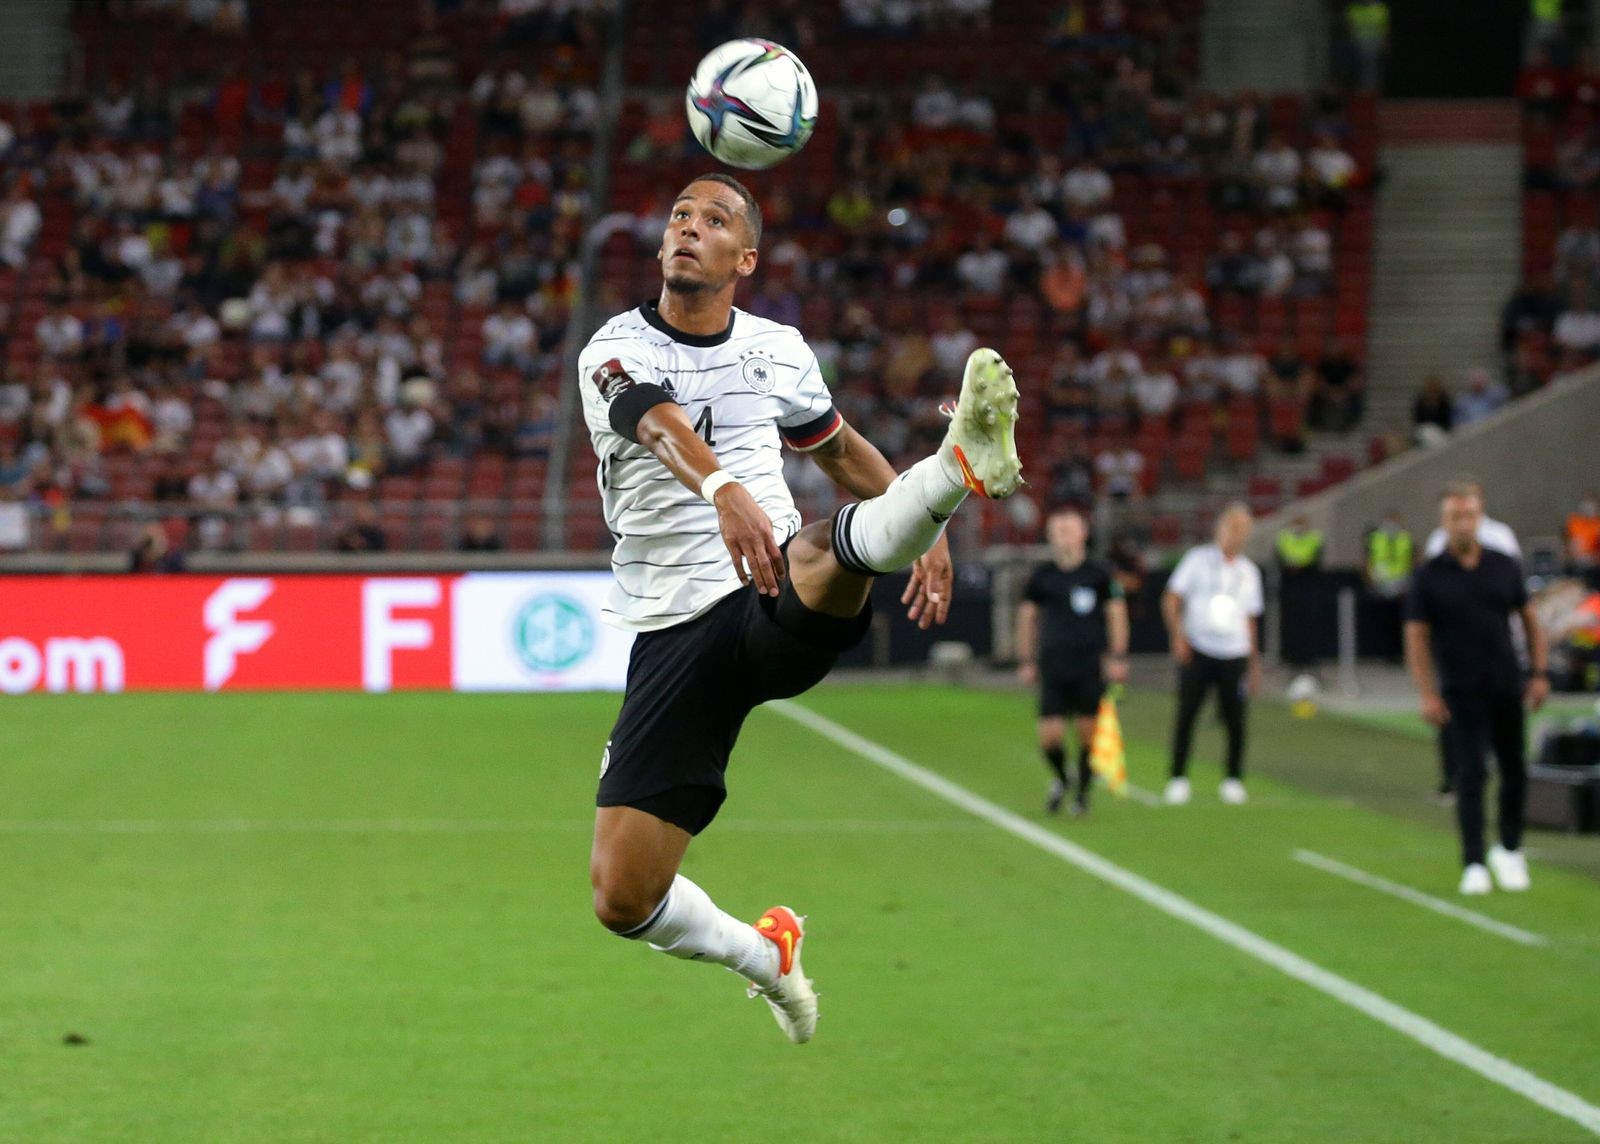 Stuttgart , Fußball WM Qualifikation , Deutschland vs. Armenien , Thilo Kehrer (GER) *** Stuttgart , Soccer World Cup Q